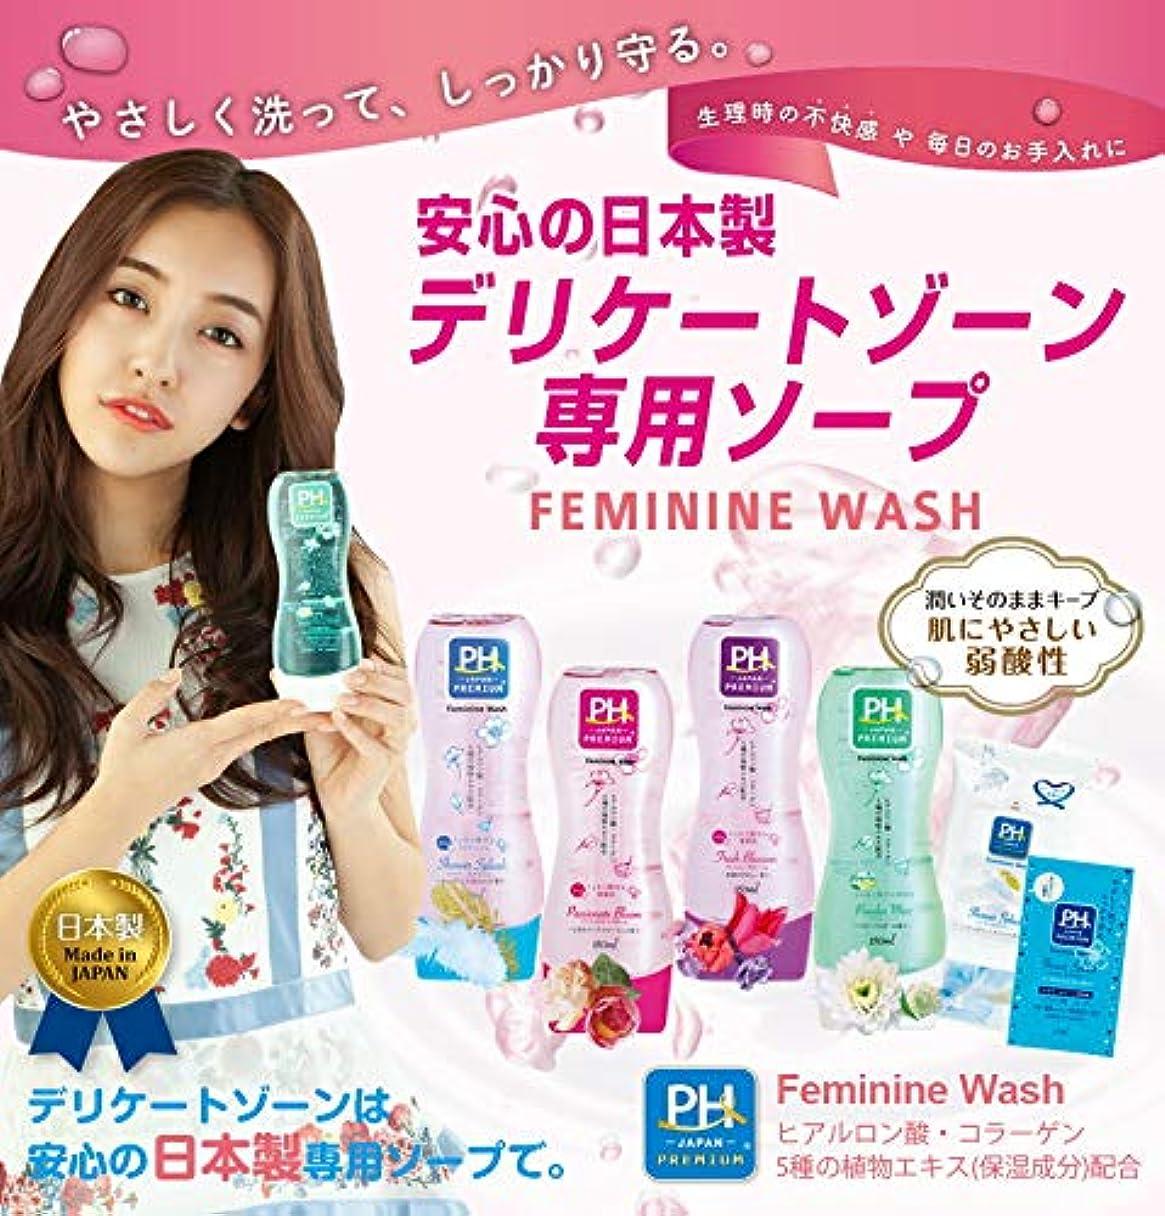 広まった九案件PH JAPAN プレミアム フェミニンウォッシュ パッショネイトブルーム150ml上品なローズフローラルの香り 3本セット